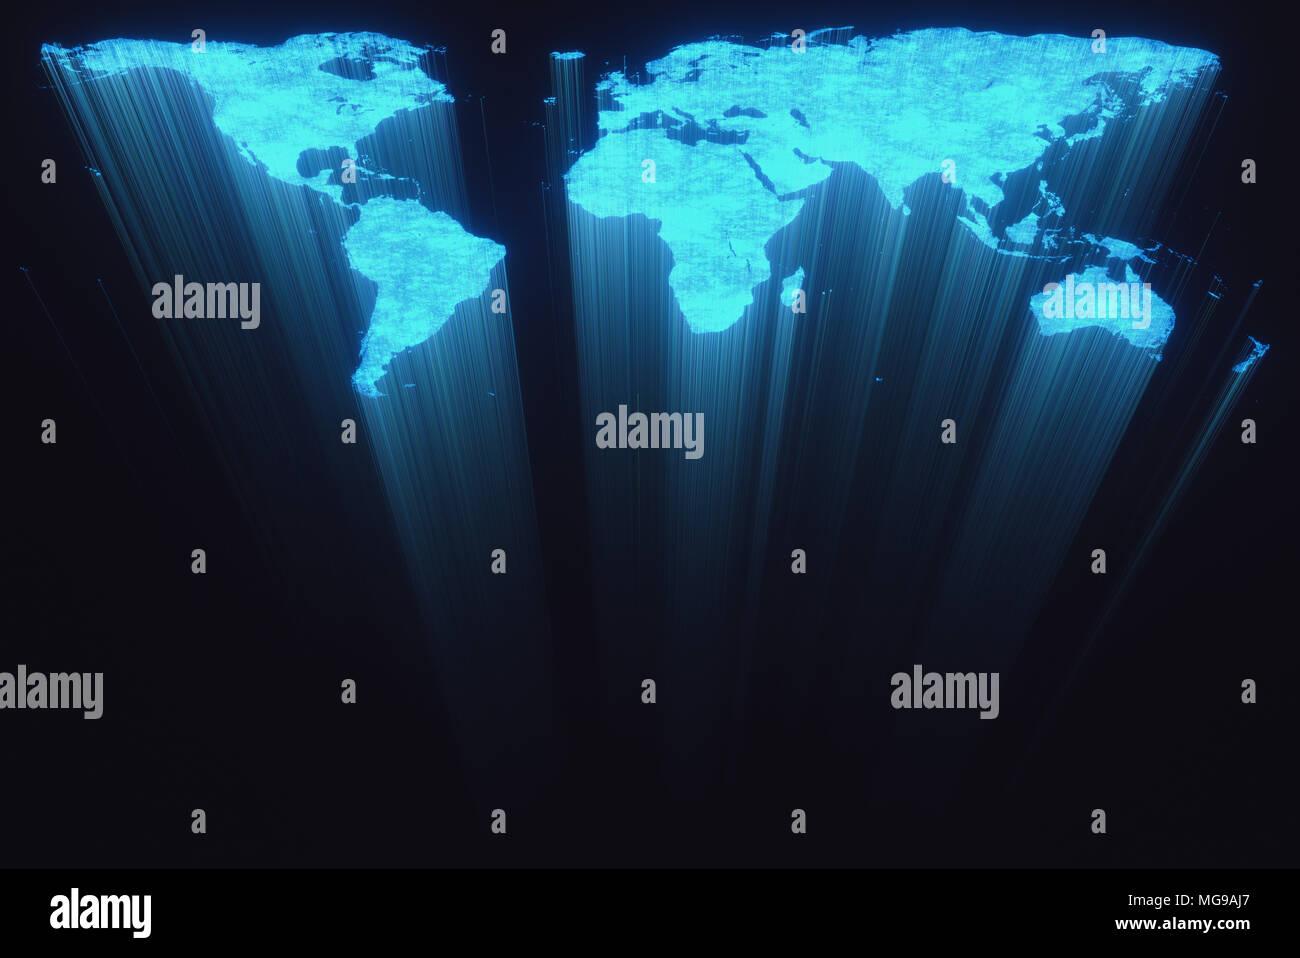 World map, illustration. - Stock Image